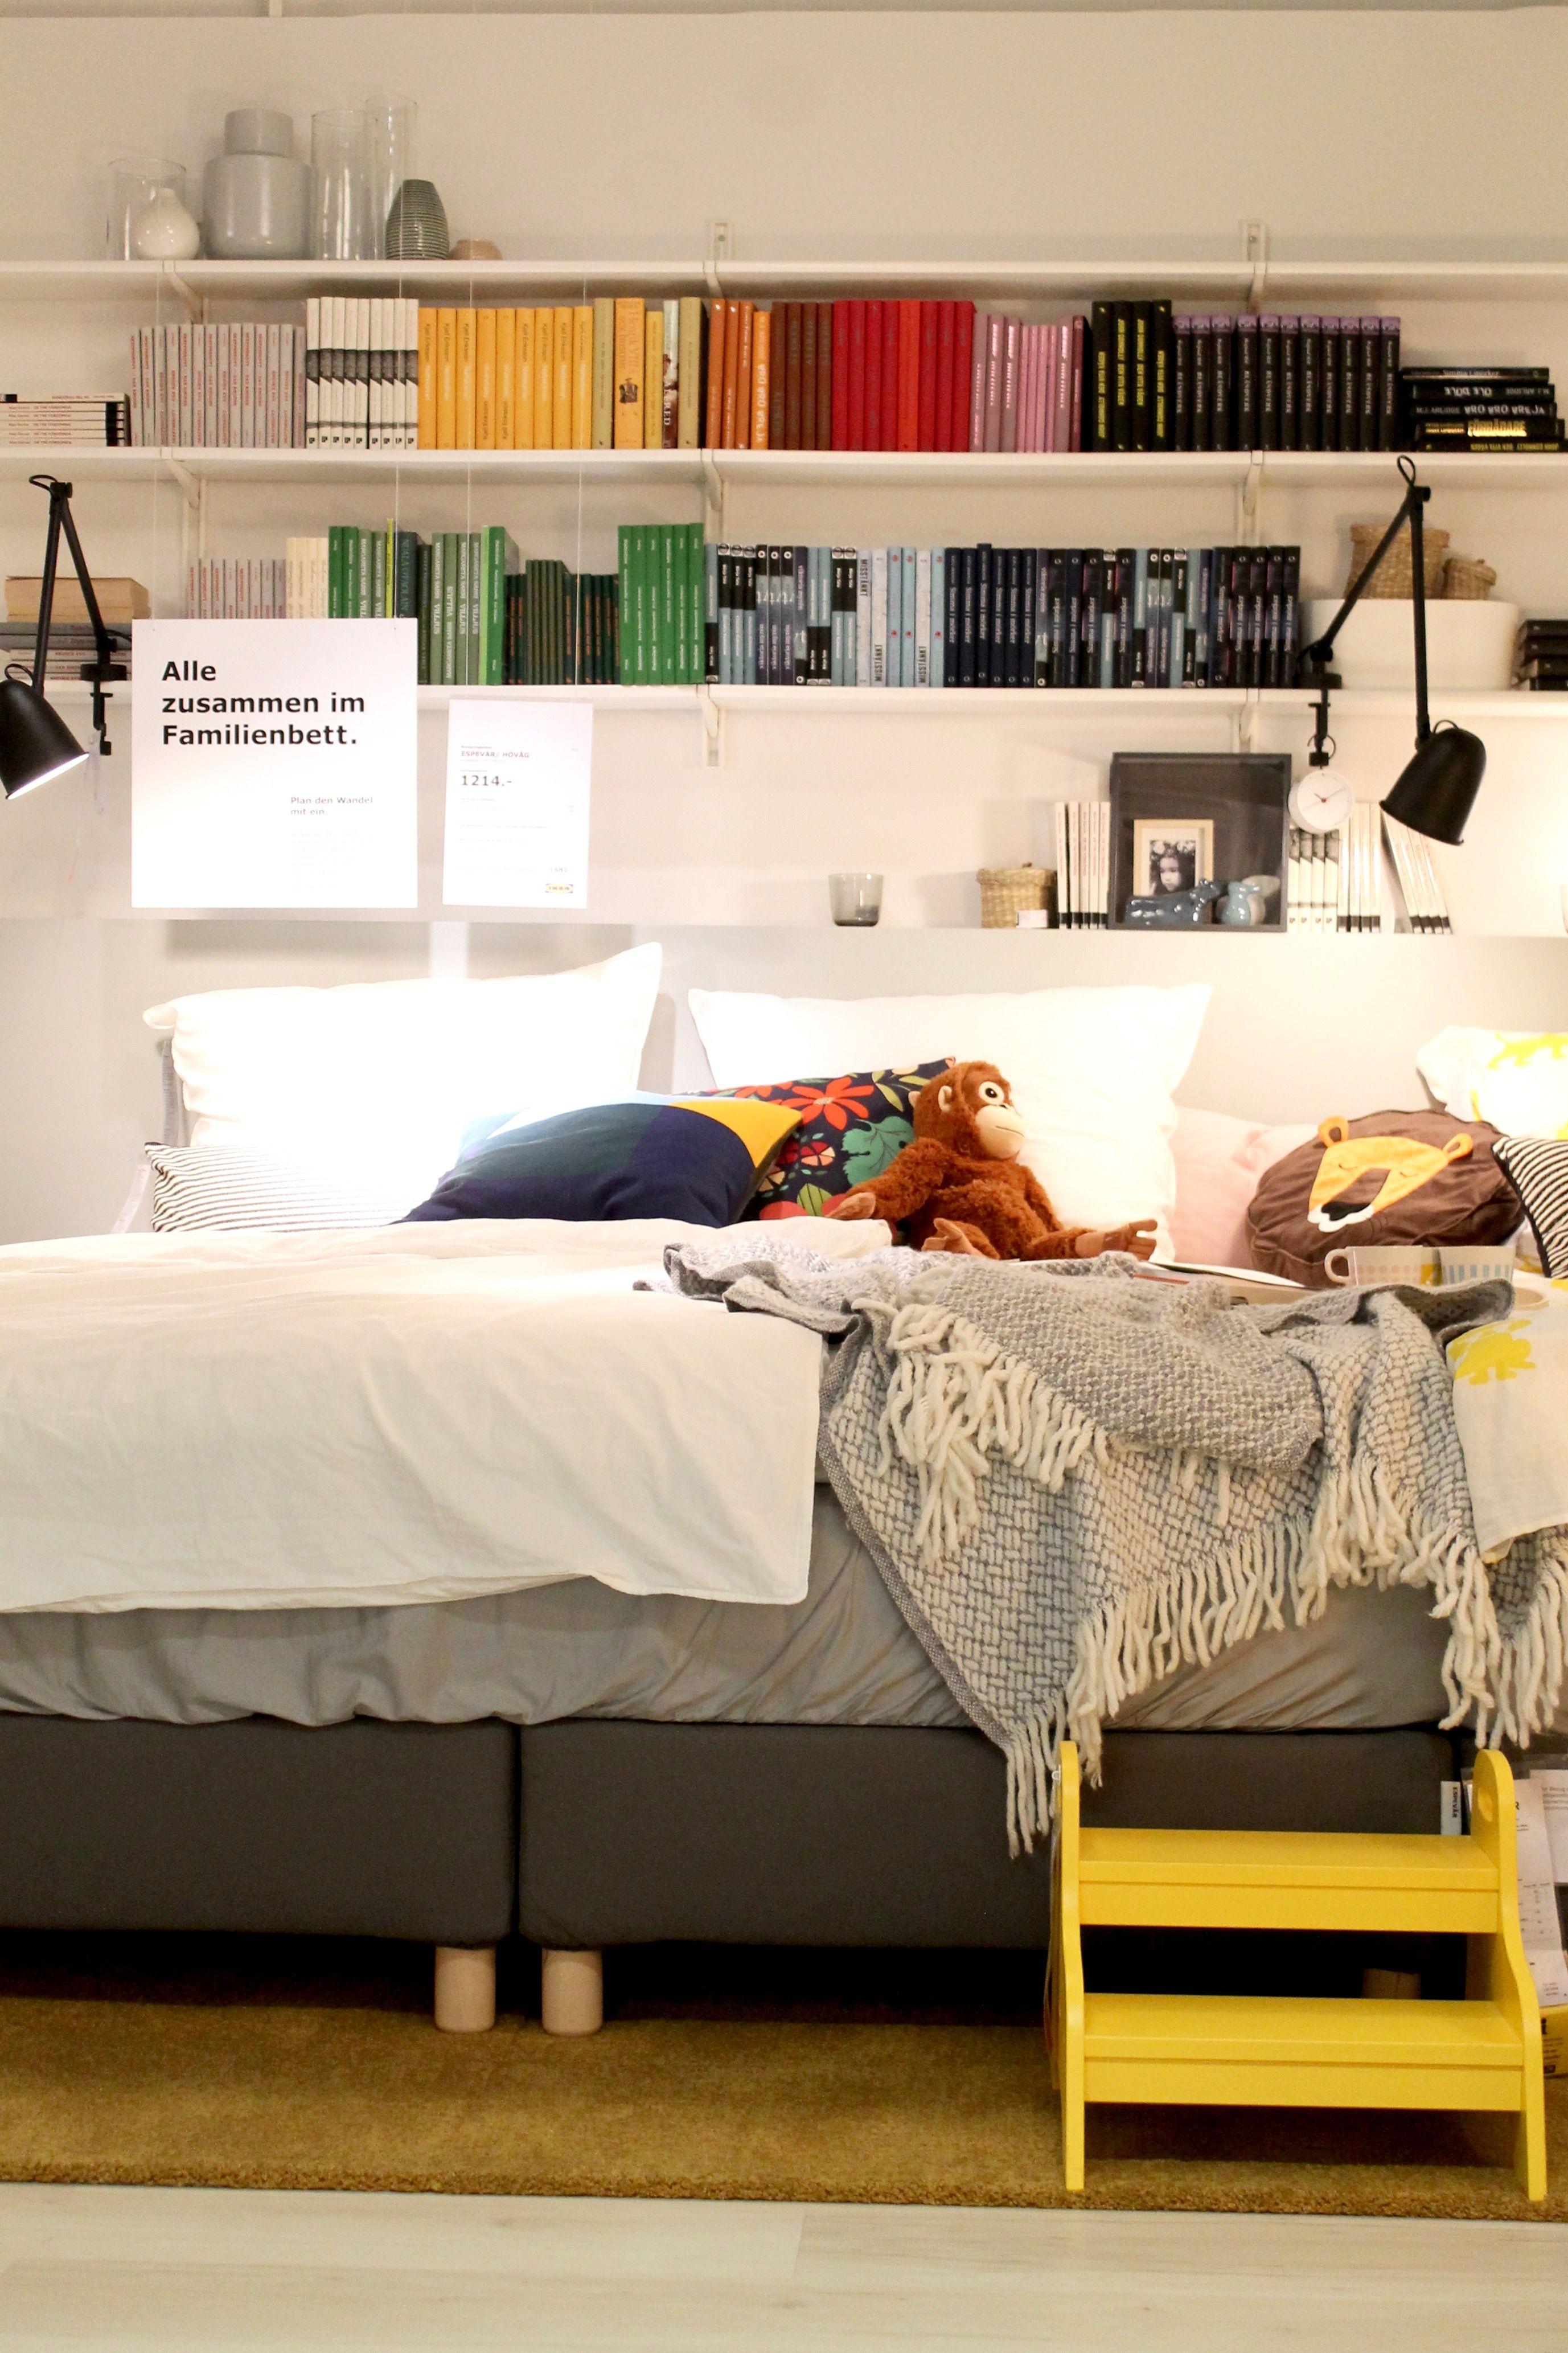 Familienbett Oder Lieber Alleine Mehr Uber Schlafkomfort Und